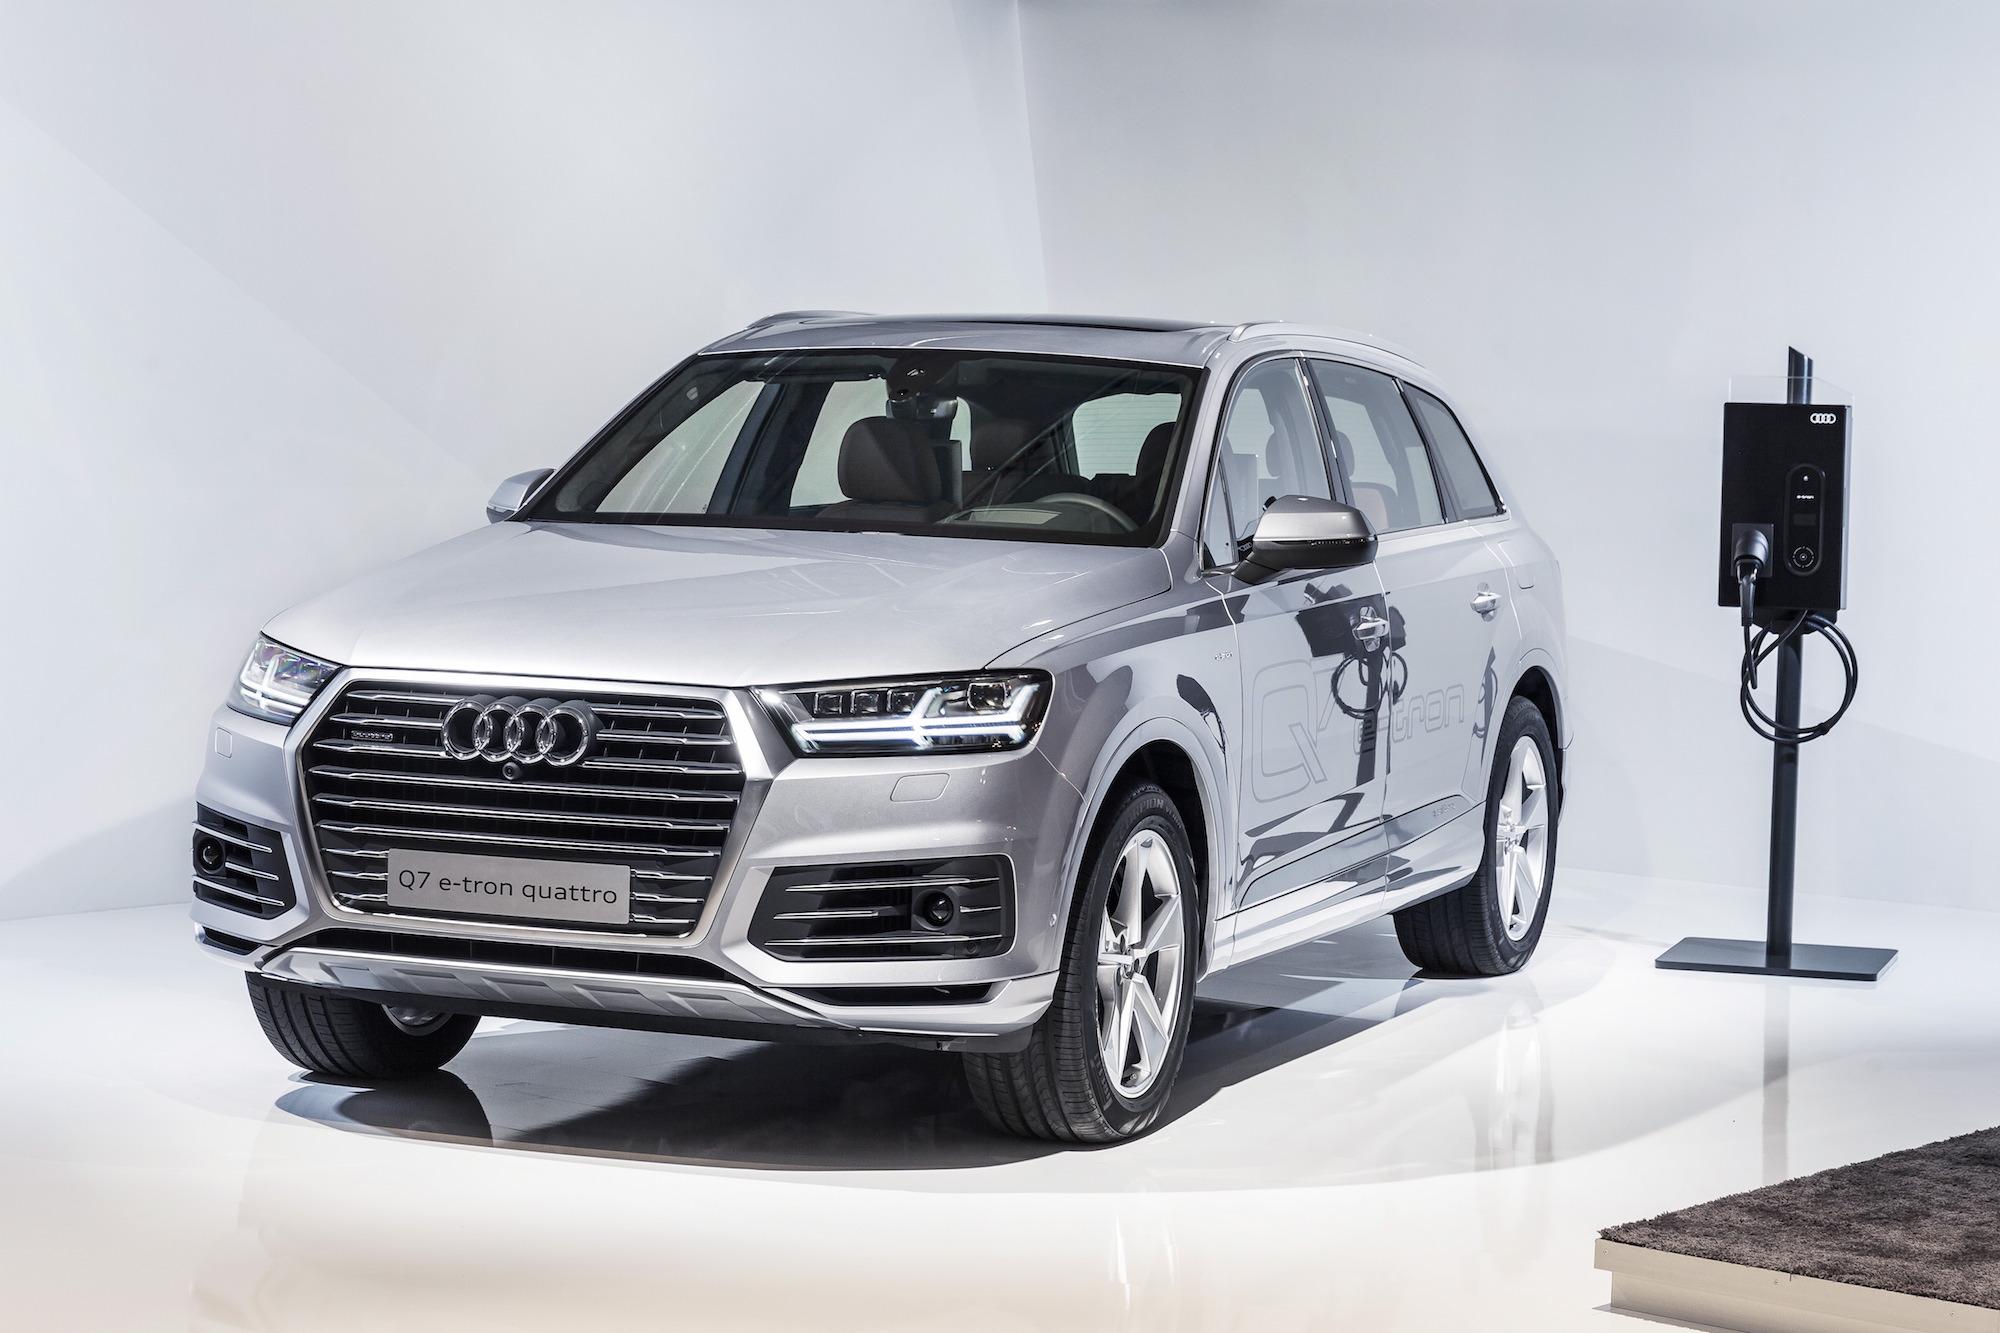 auto ibride Audi-Q7-e-tron